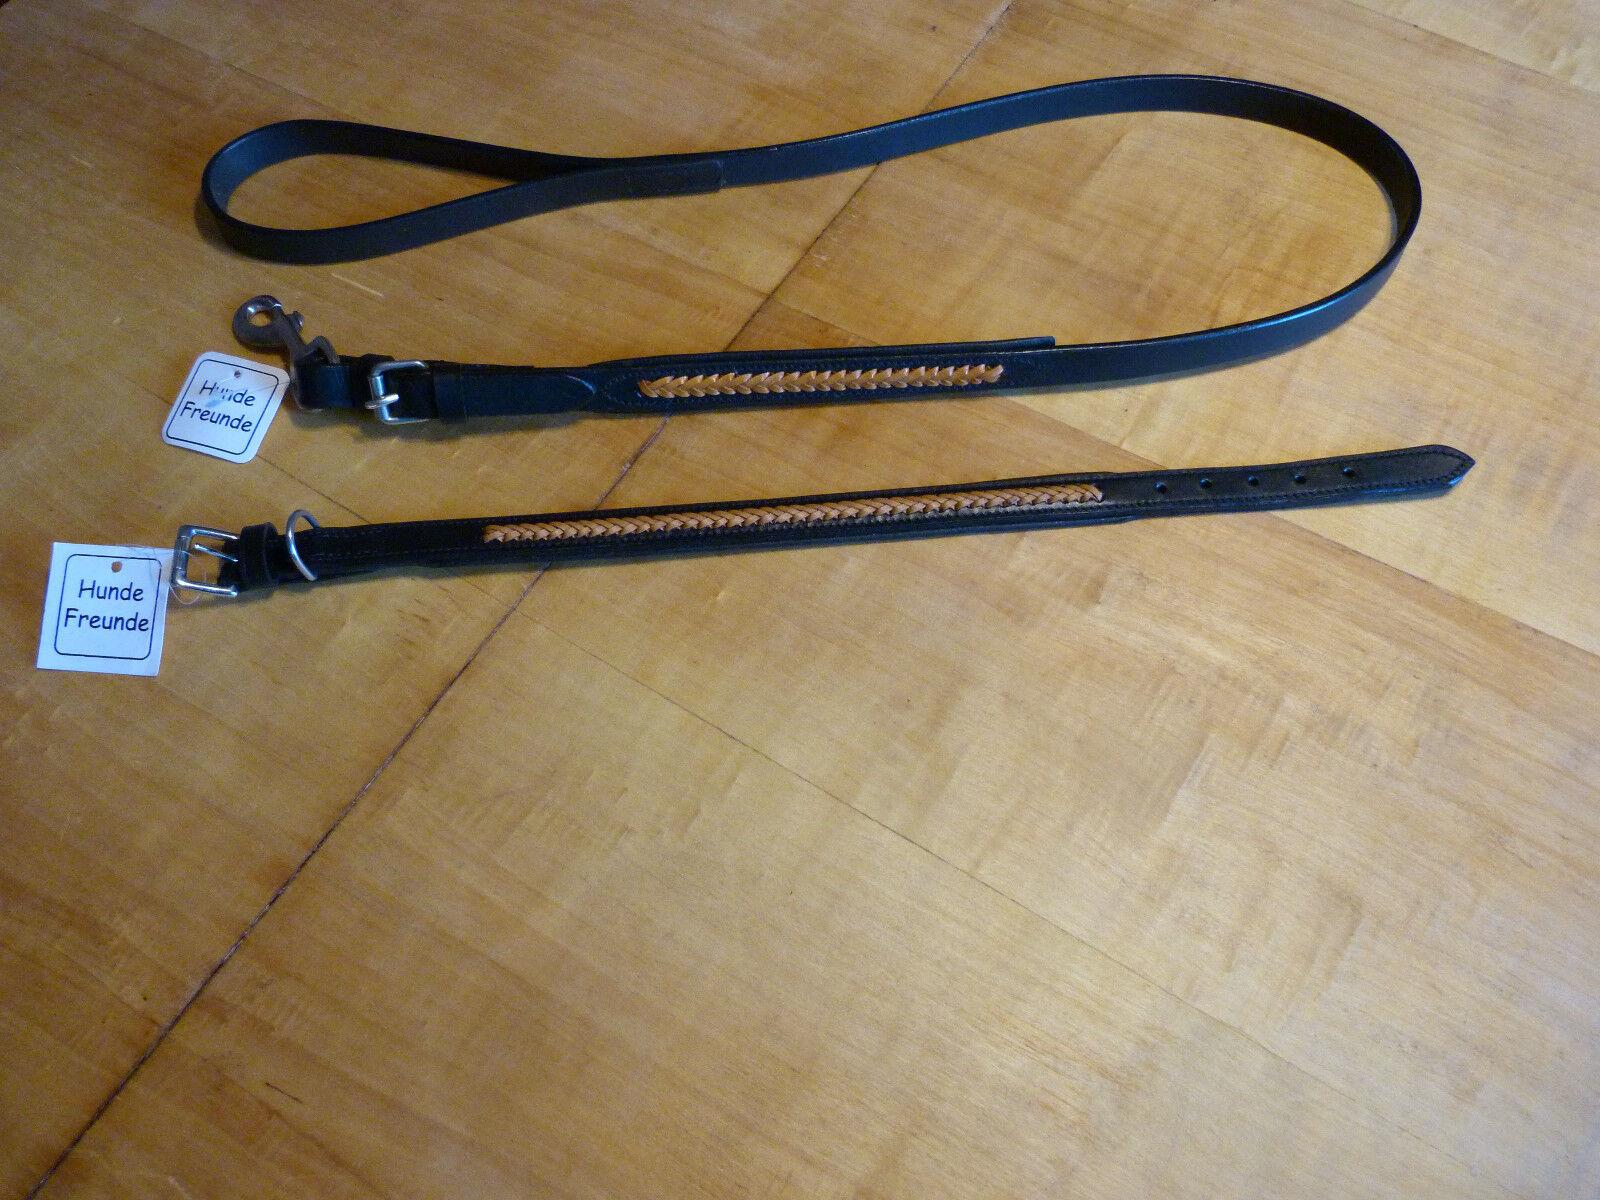 Set - Halsband Leder 50 x 1,8 cm + Hundeleine Leder 1,4 m x 18 mm, flechtmuster